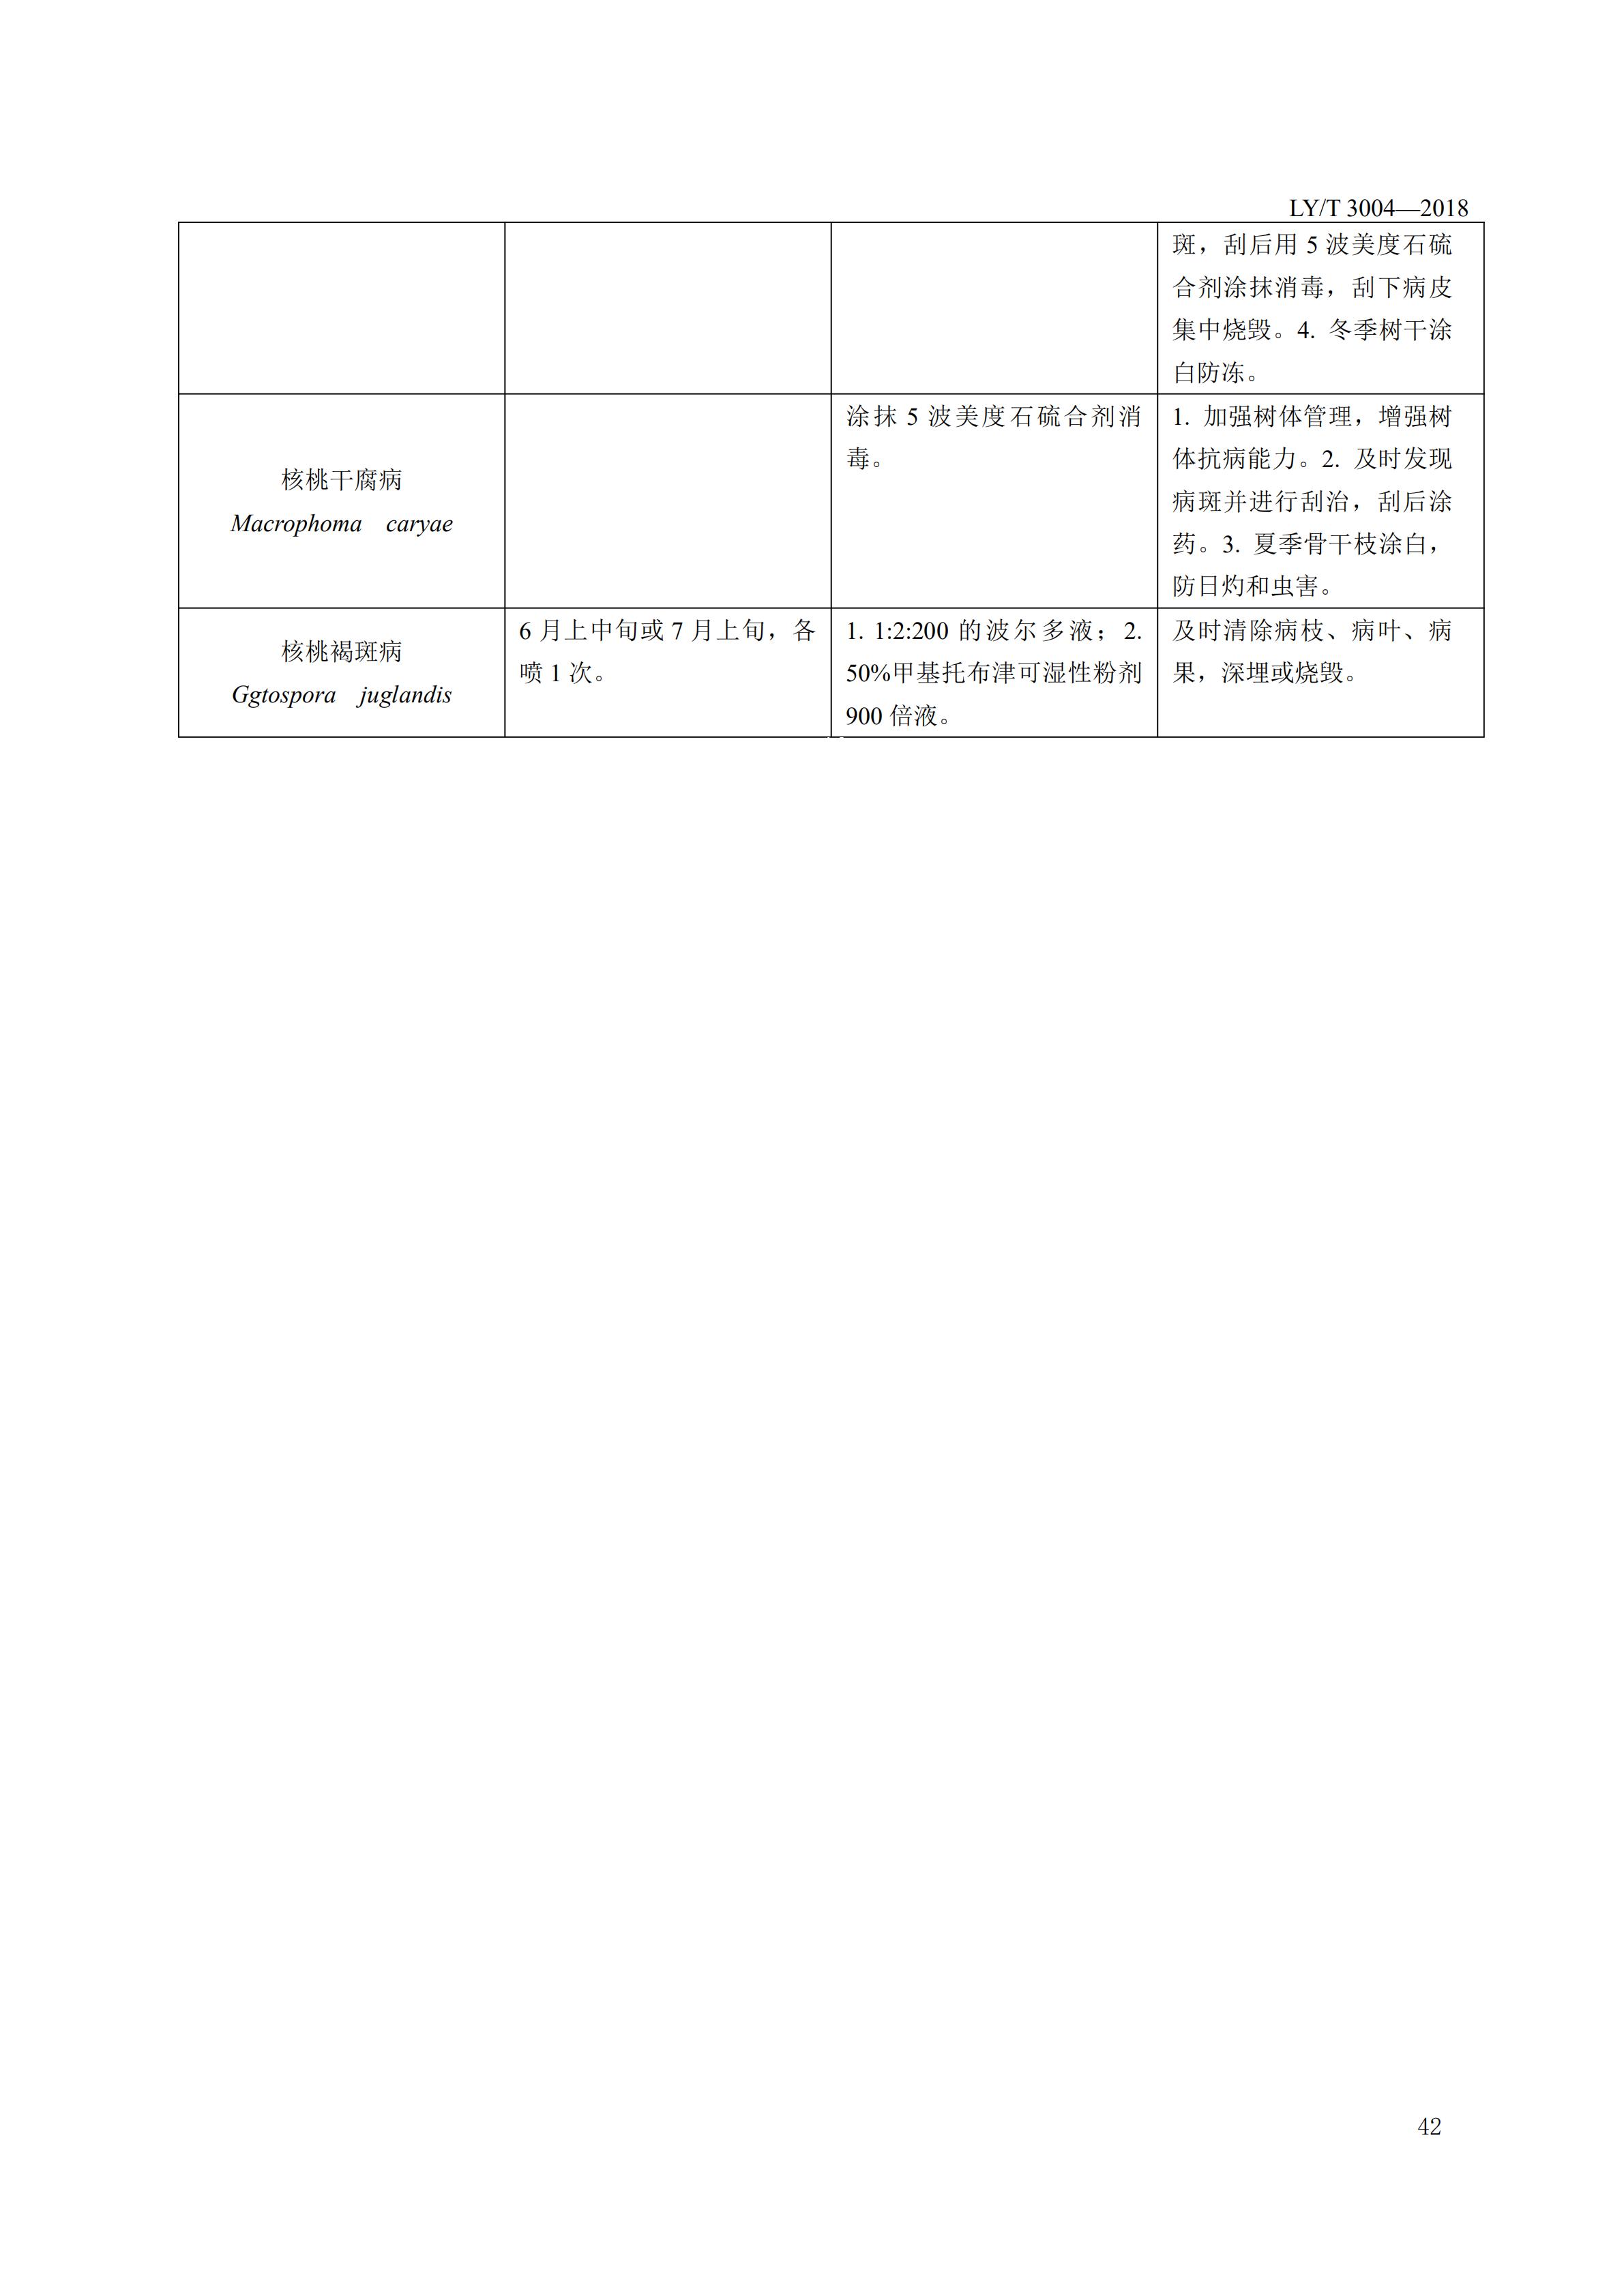 中华人民共和种子法_西安林木种苗网-西安市林木种苗工作站